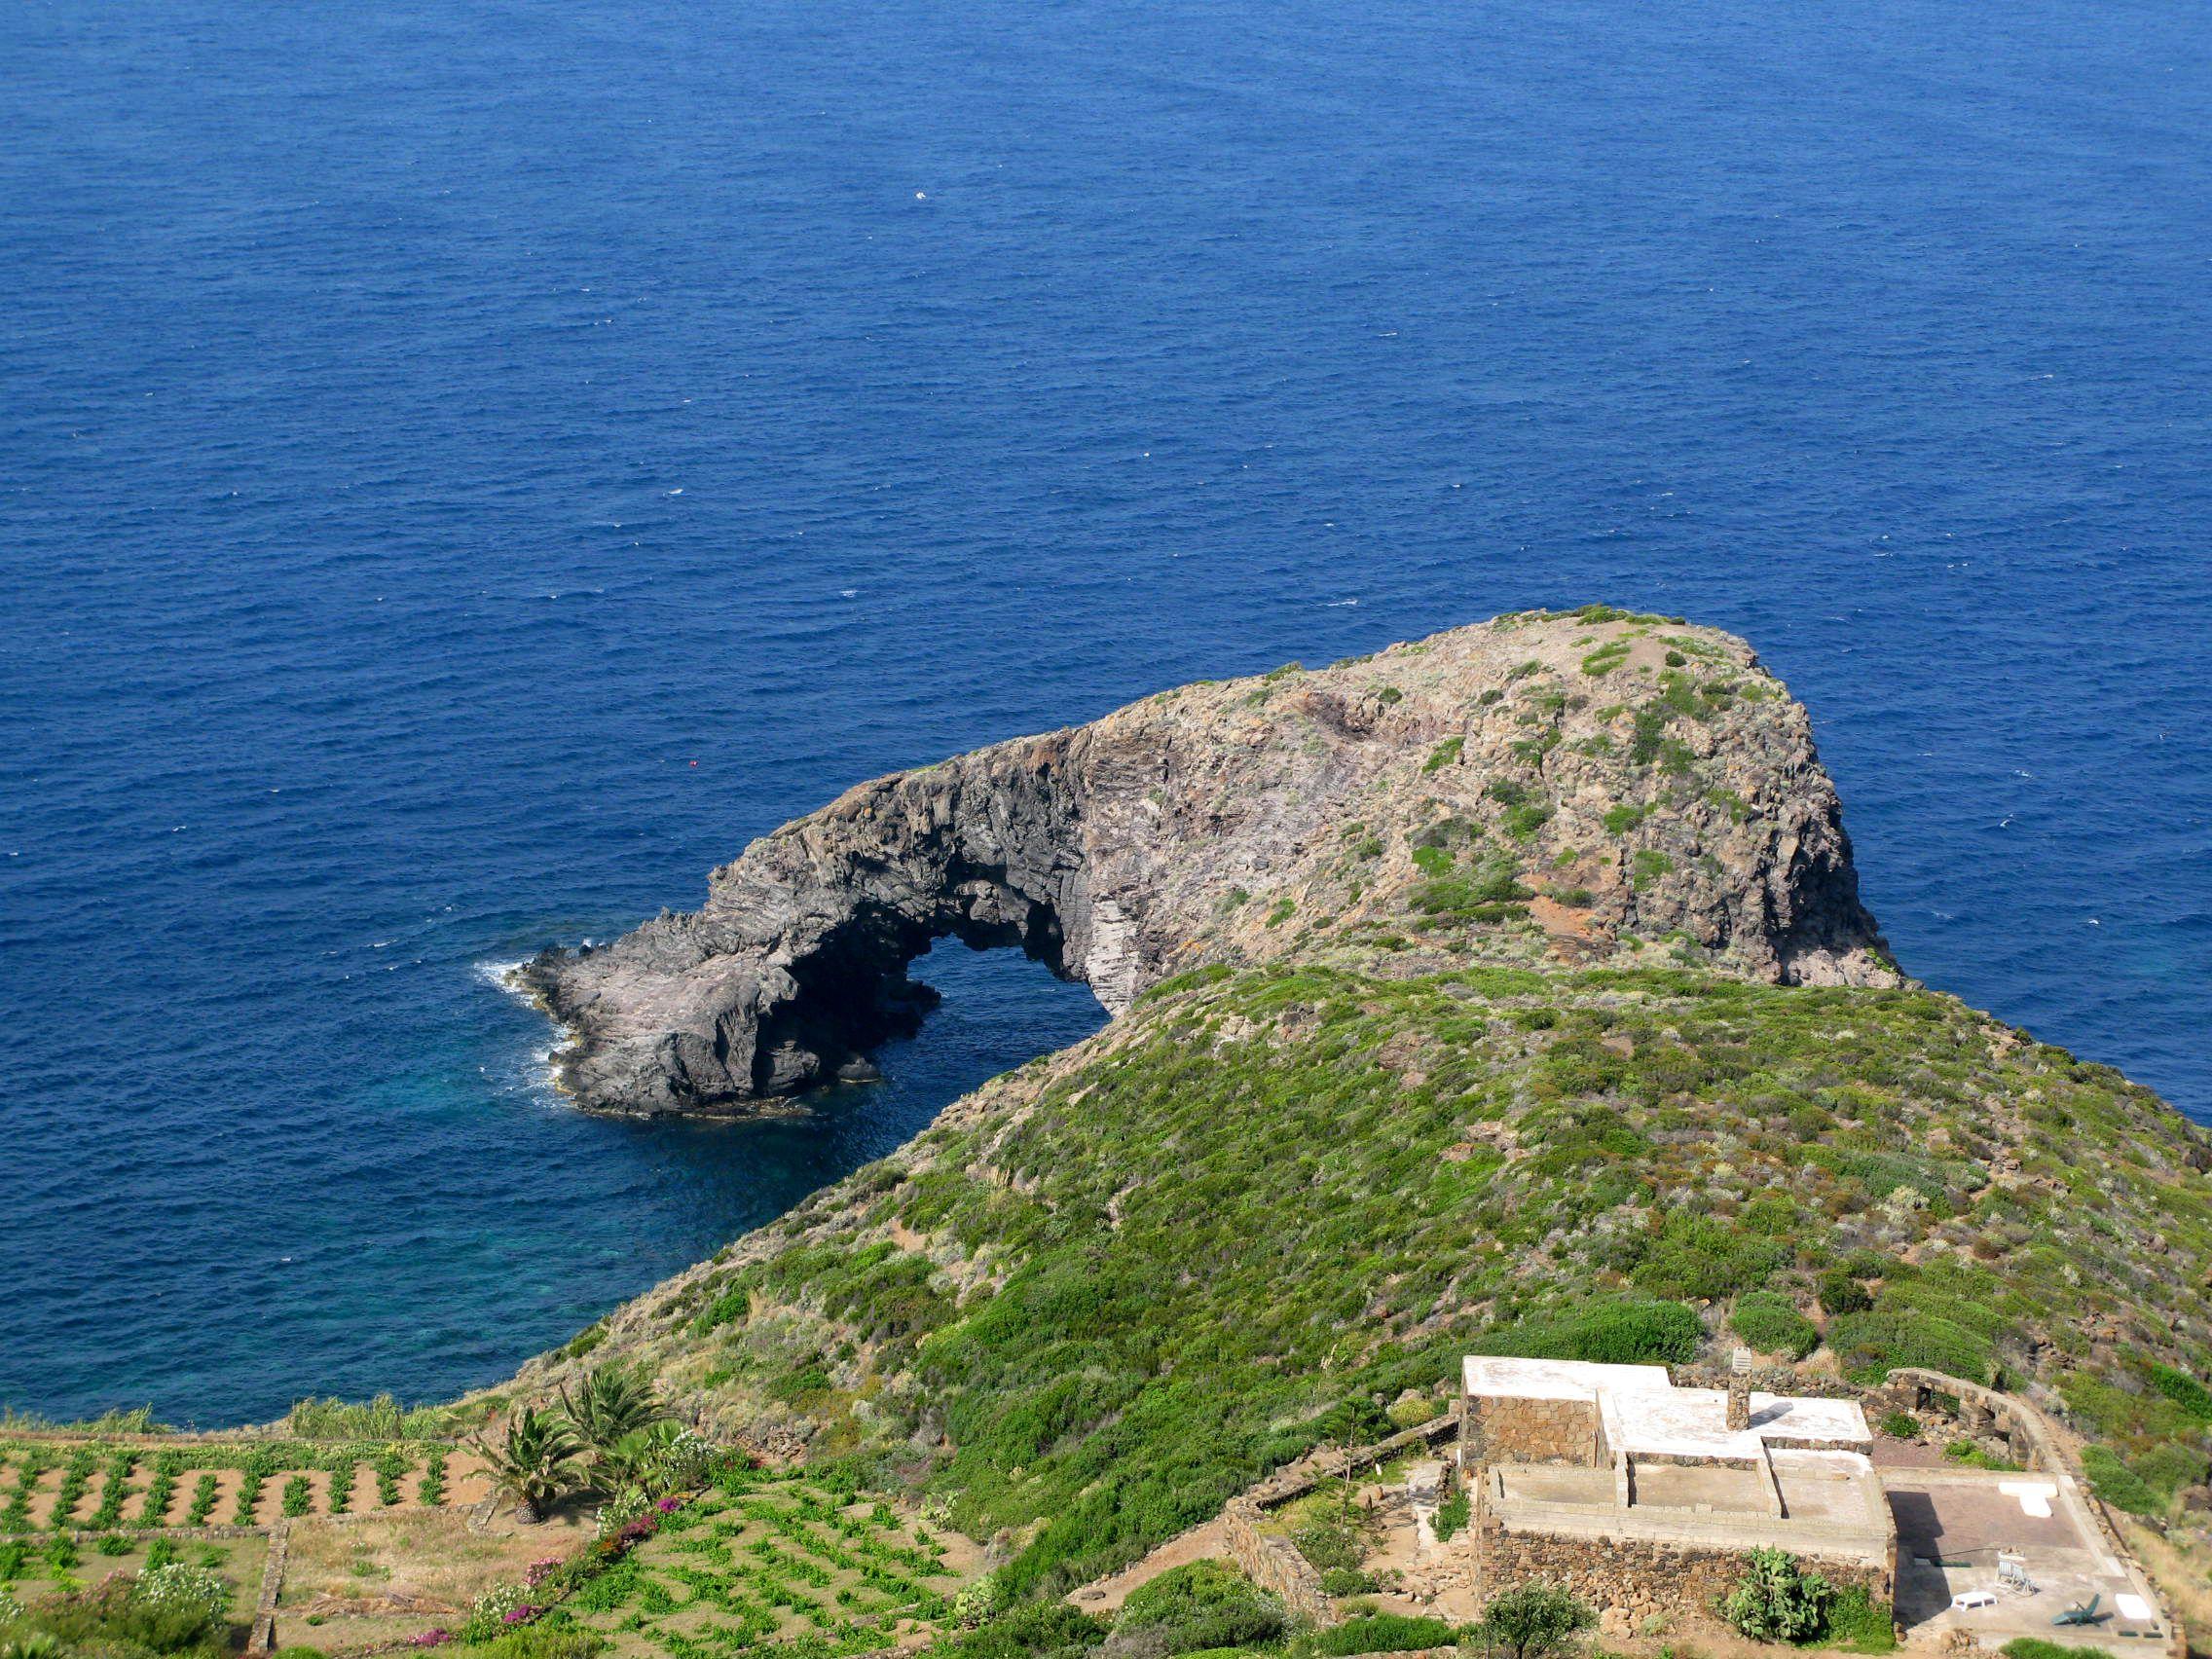 Arco dell'elefante, Pantelleria. 2007 #pantelleria #italy #sicilia